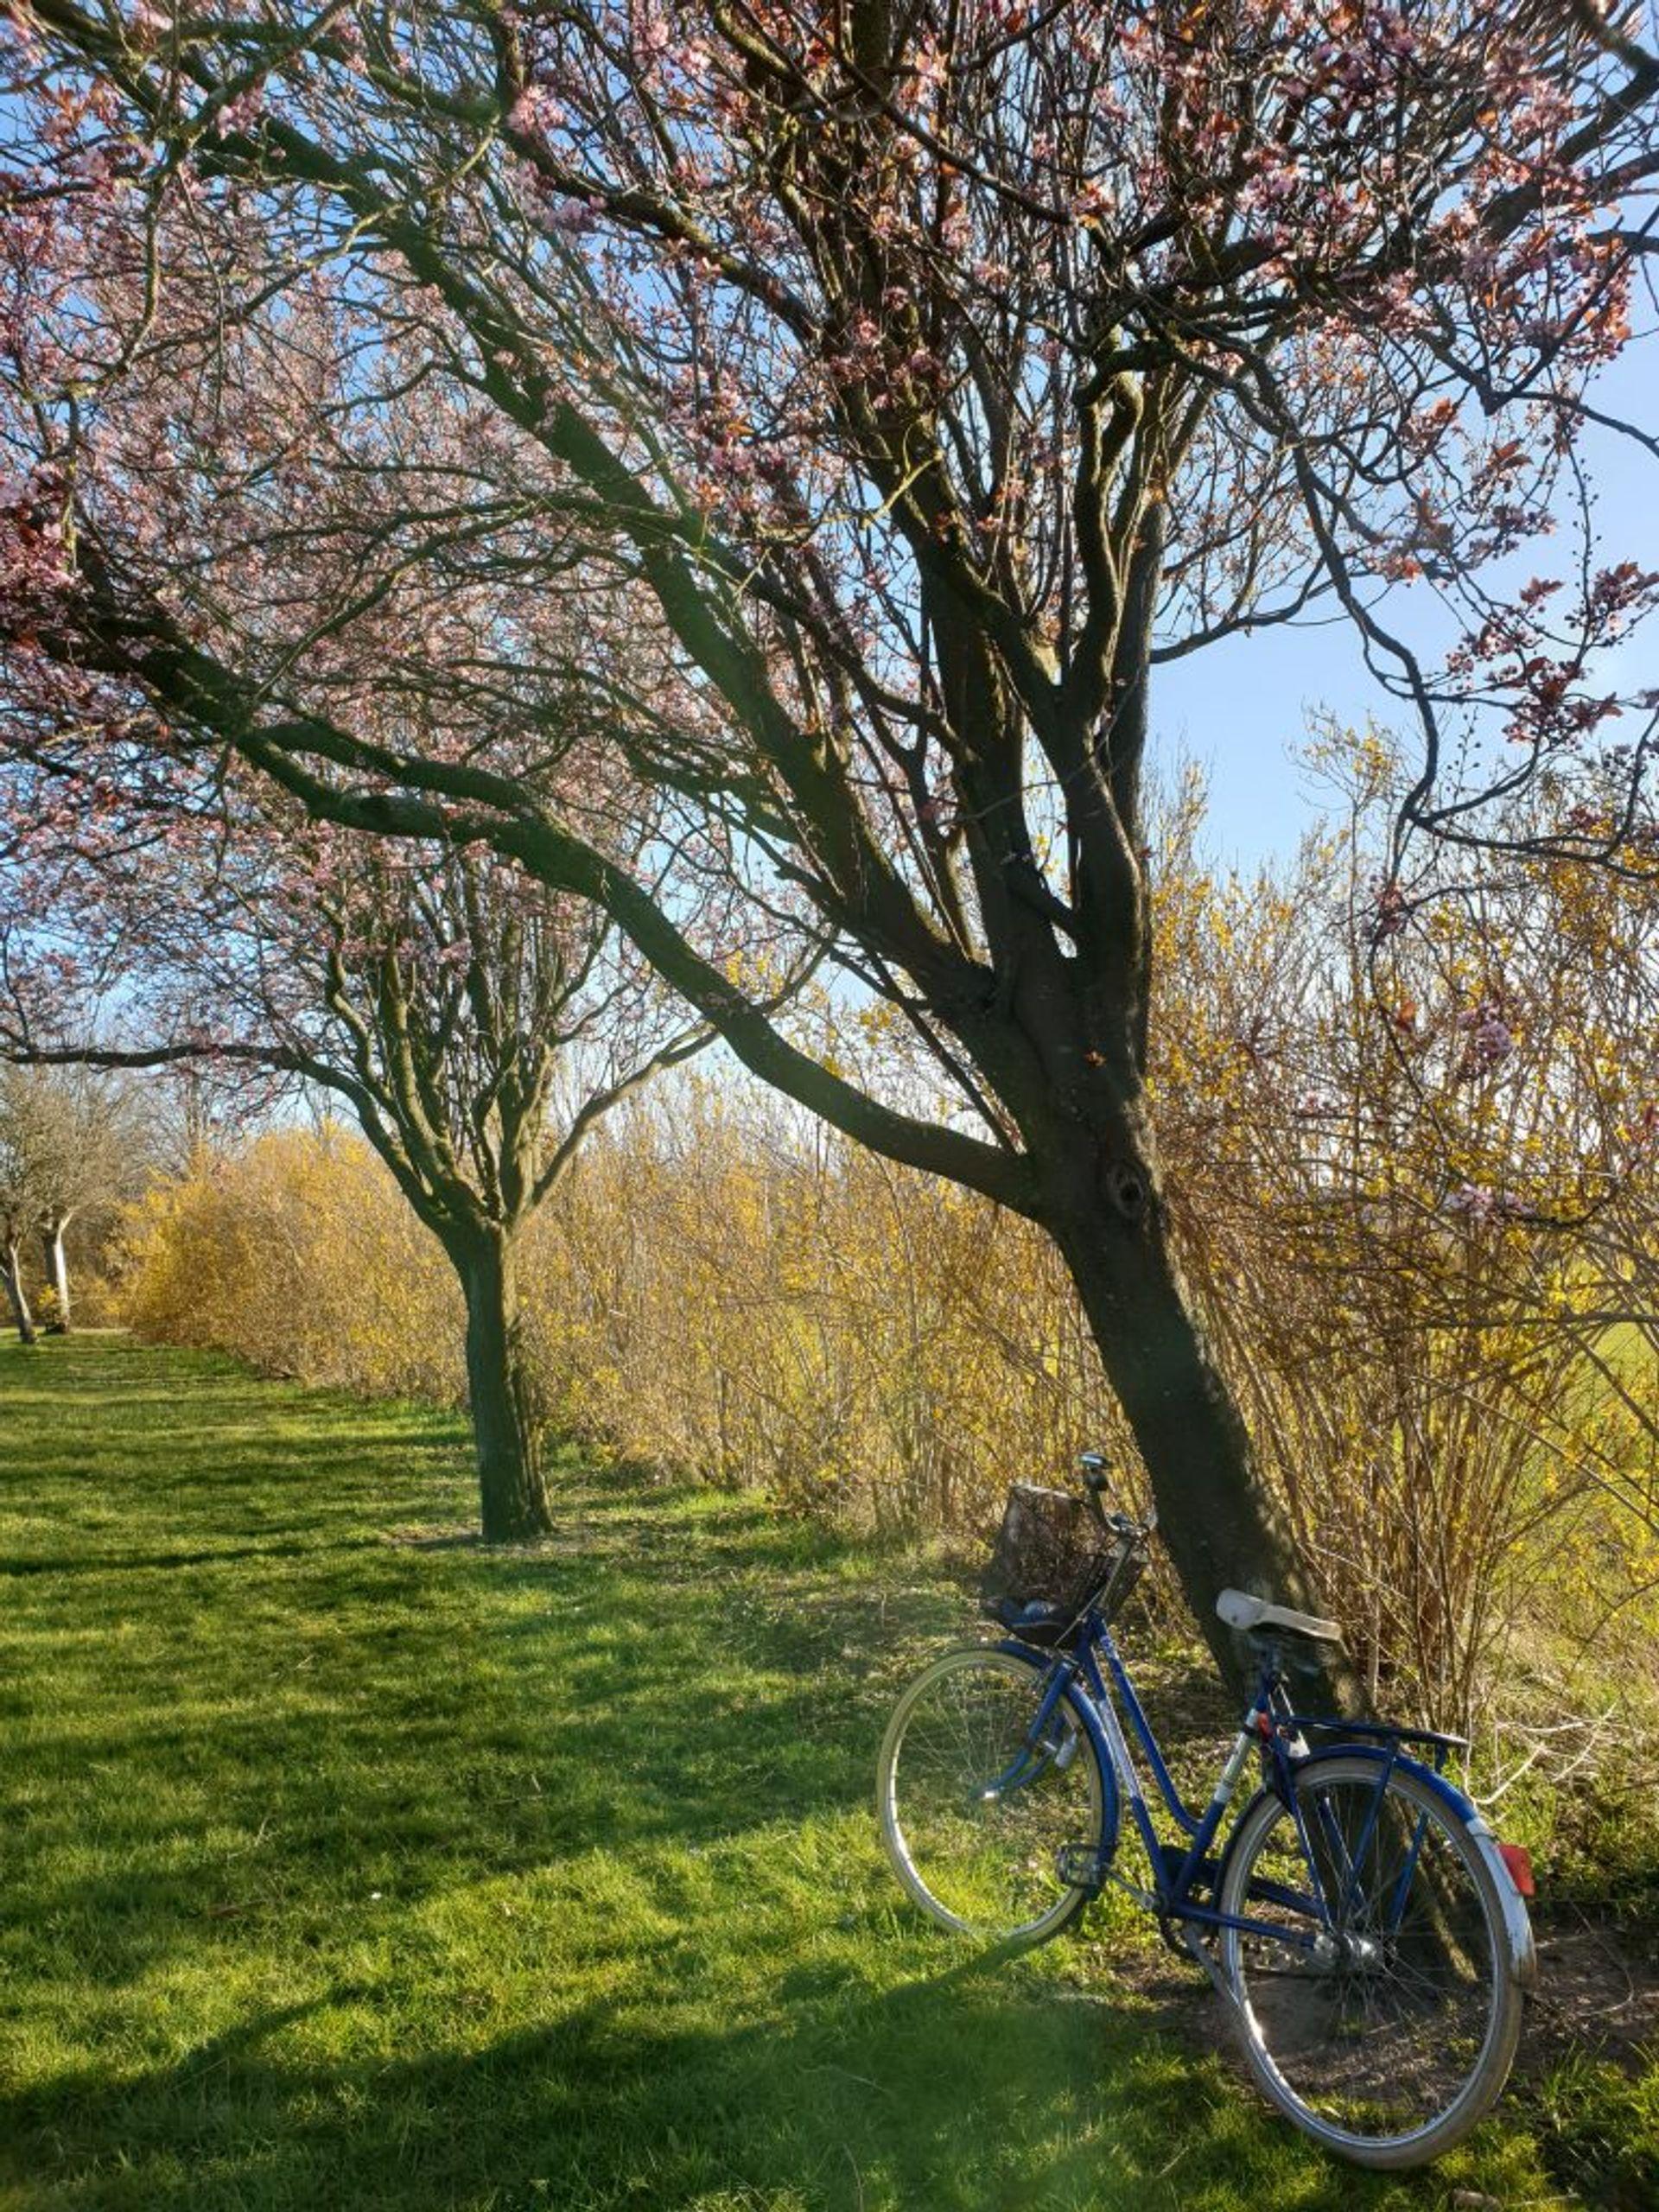 A blue bike next to a cherry blossom tree